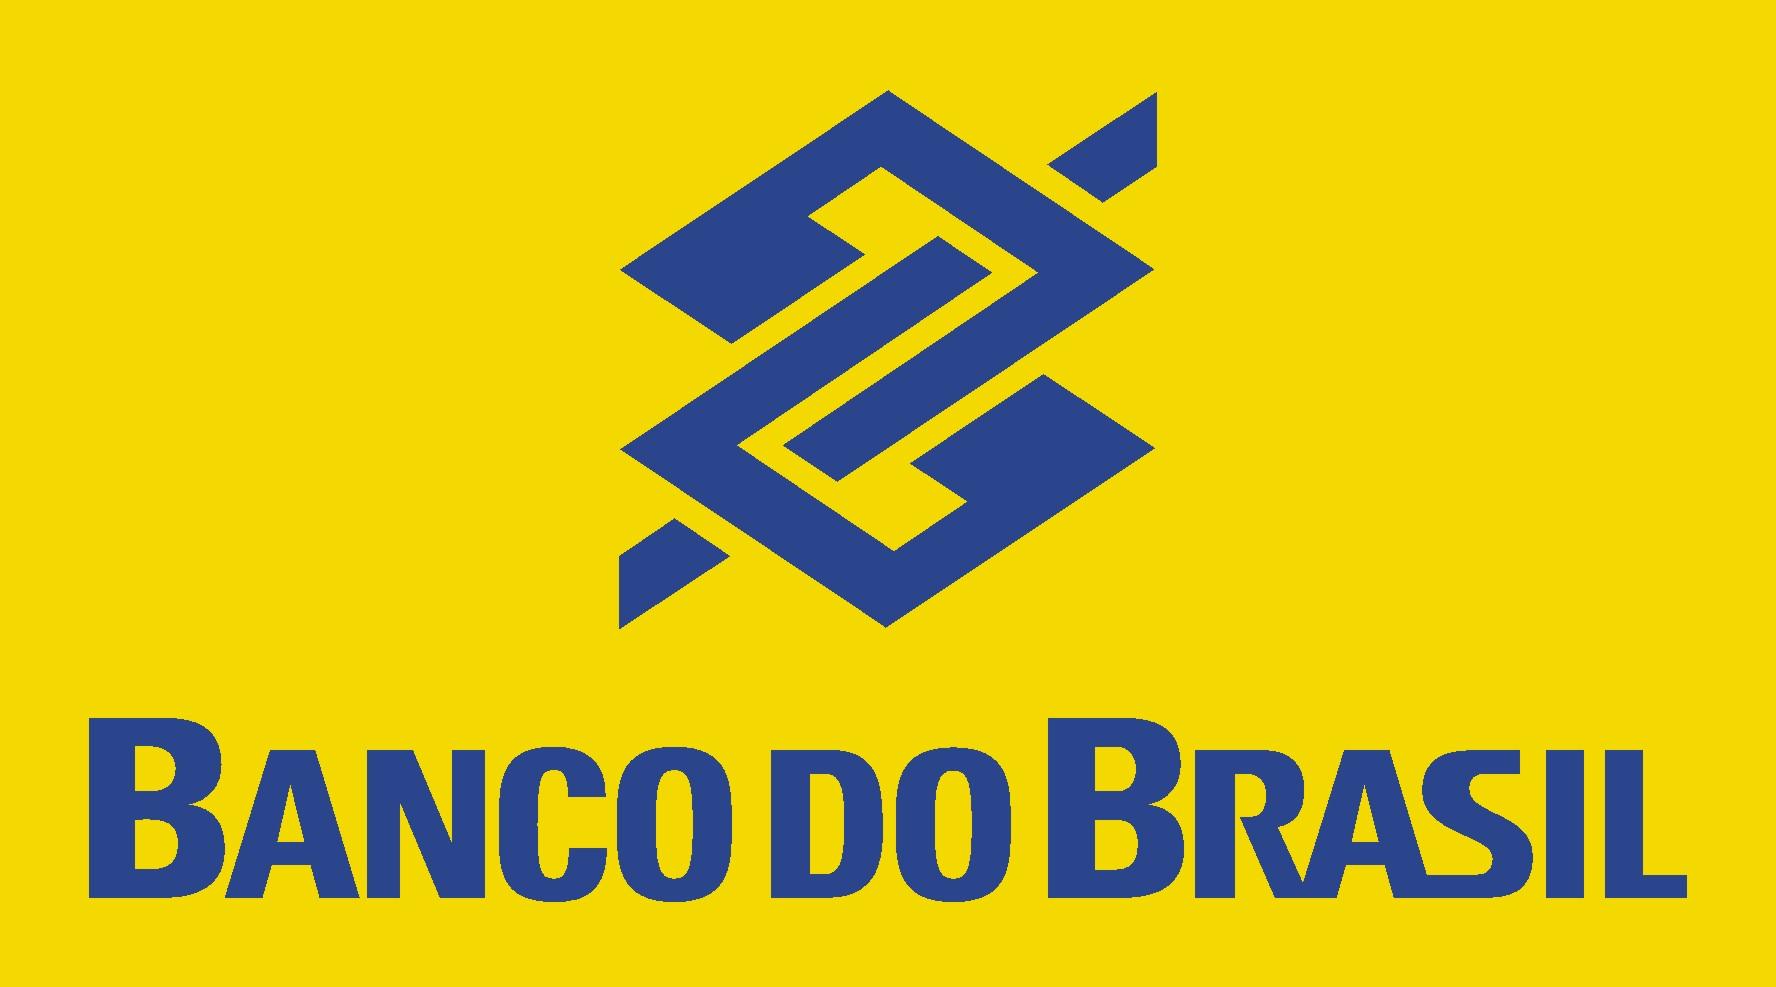 bb-logo1-7111516.jpg